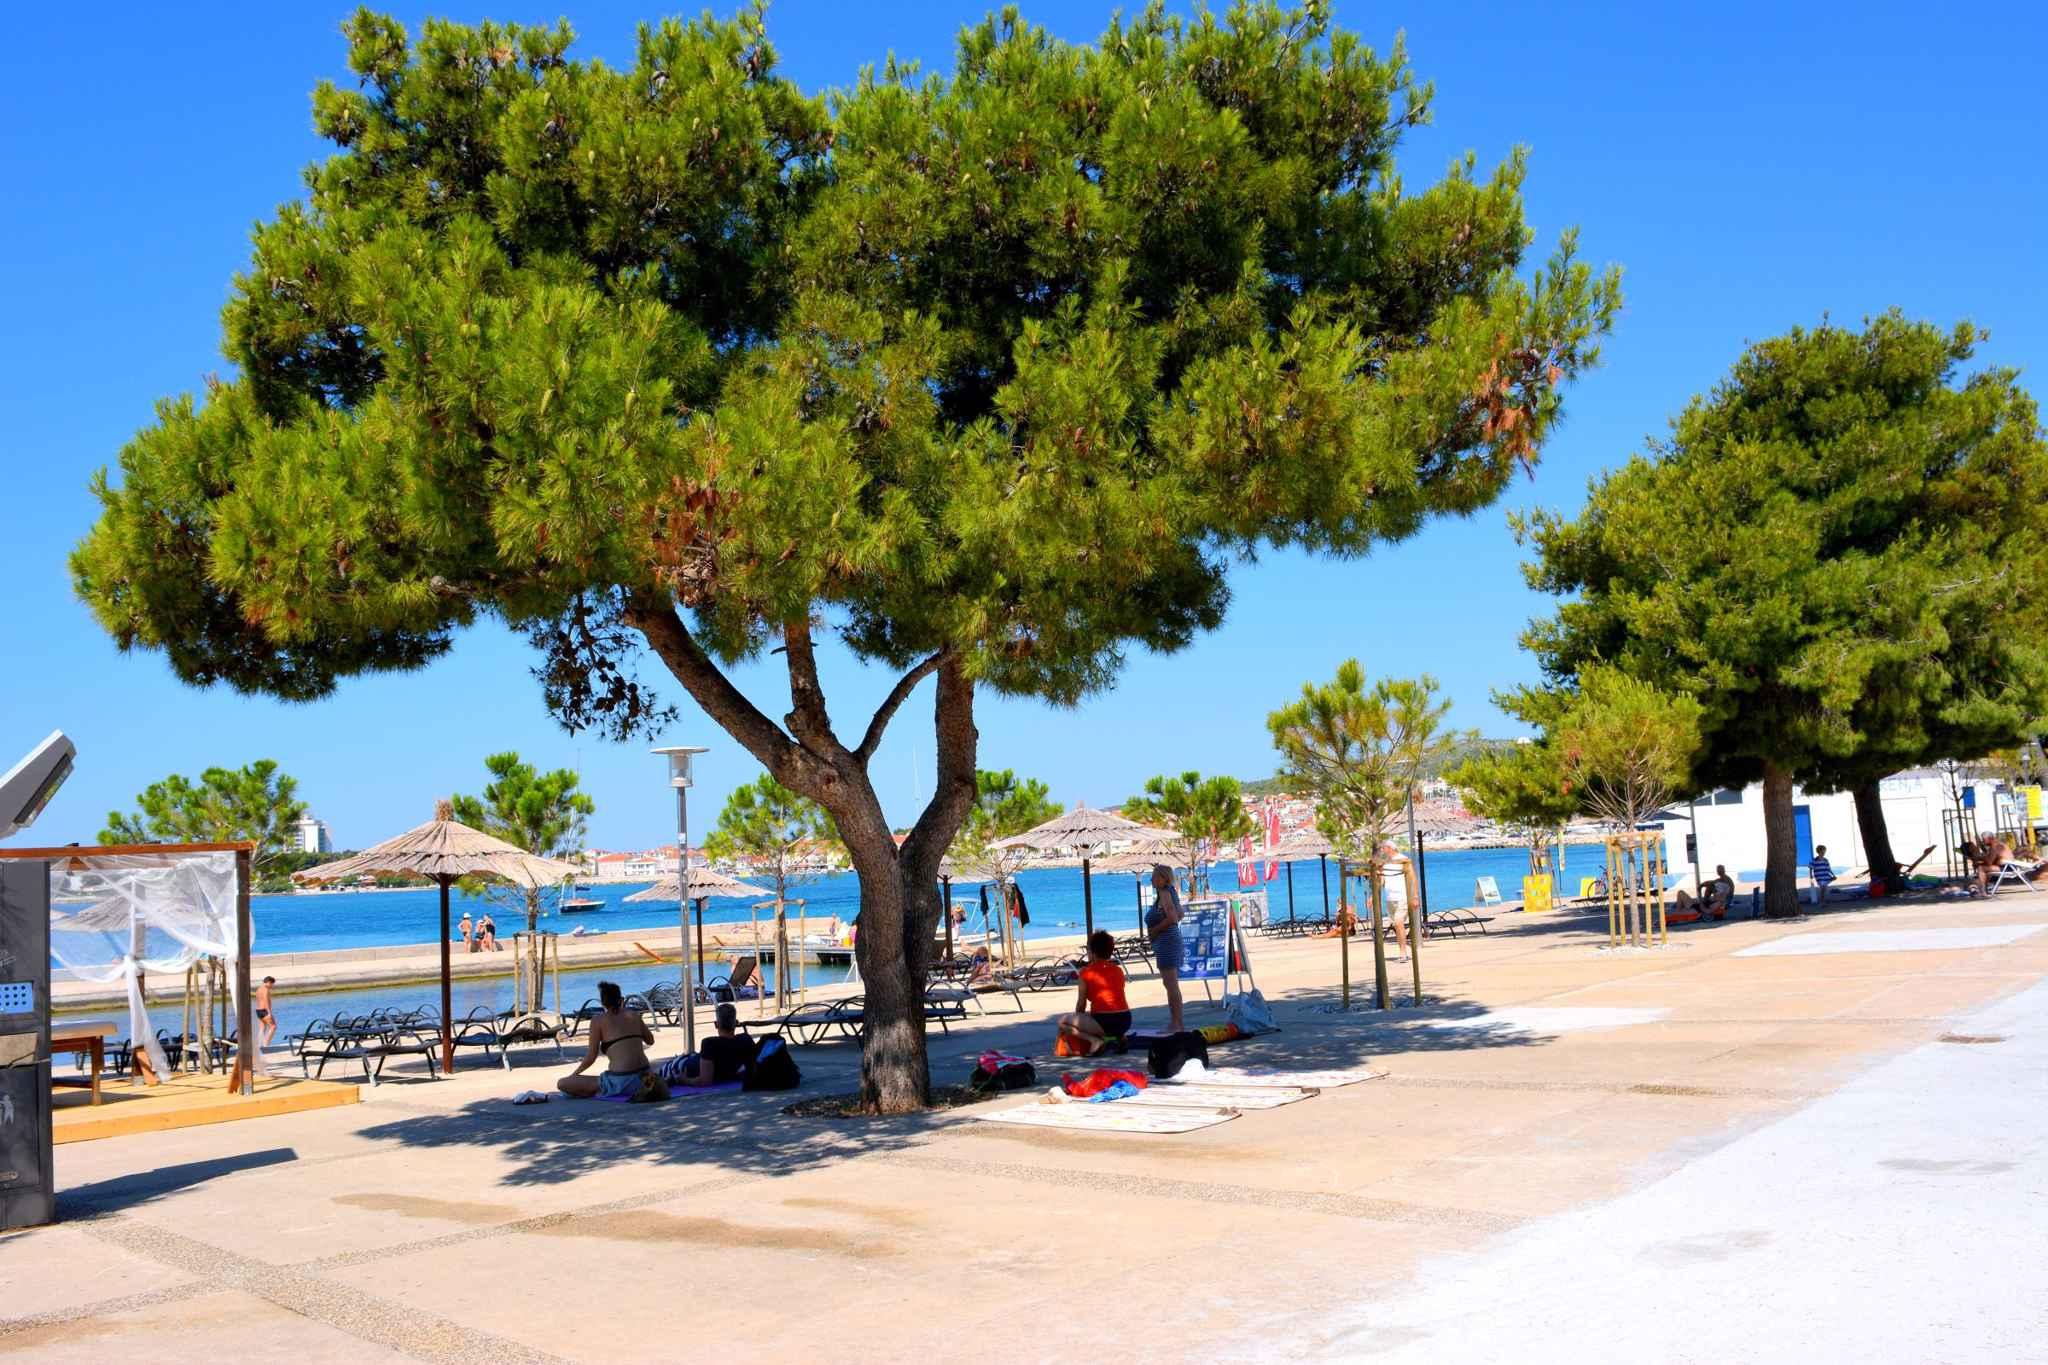 Ferienwohnung mit überdachter Terrasse (278787), Vodice, , Dalmatien, Kroatien, Bild 12